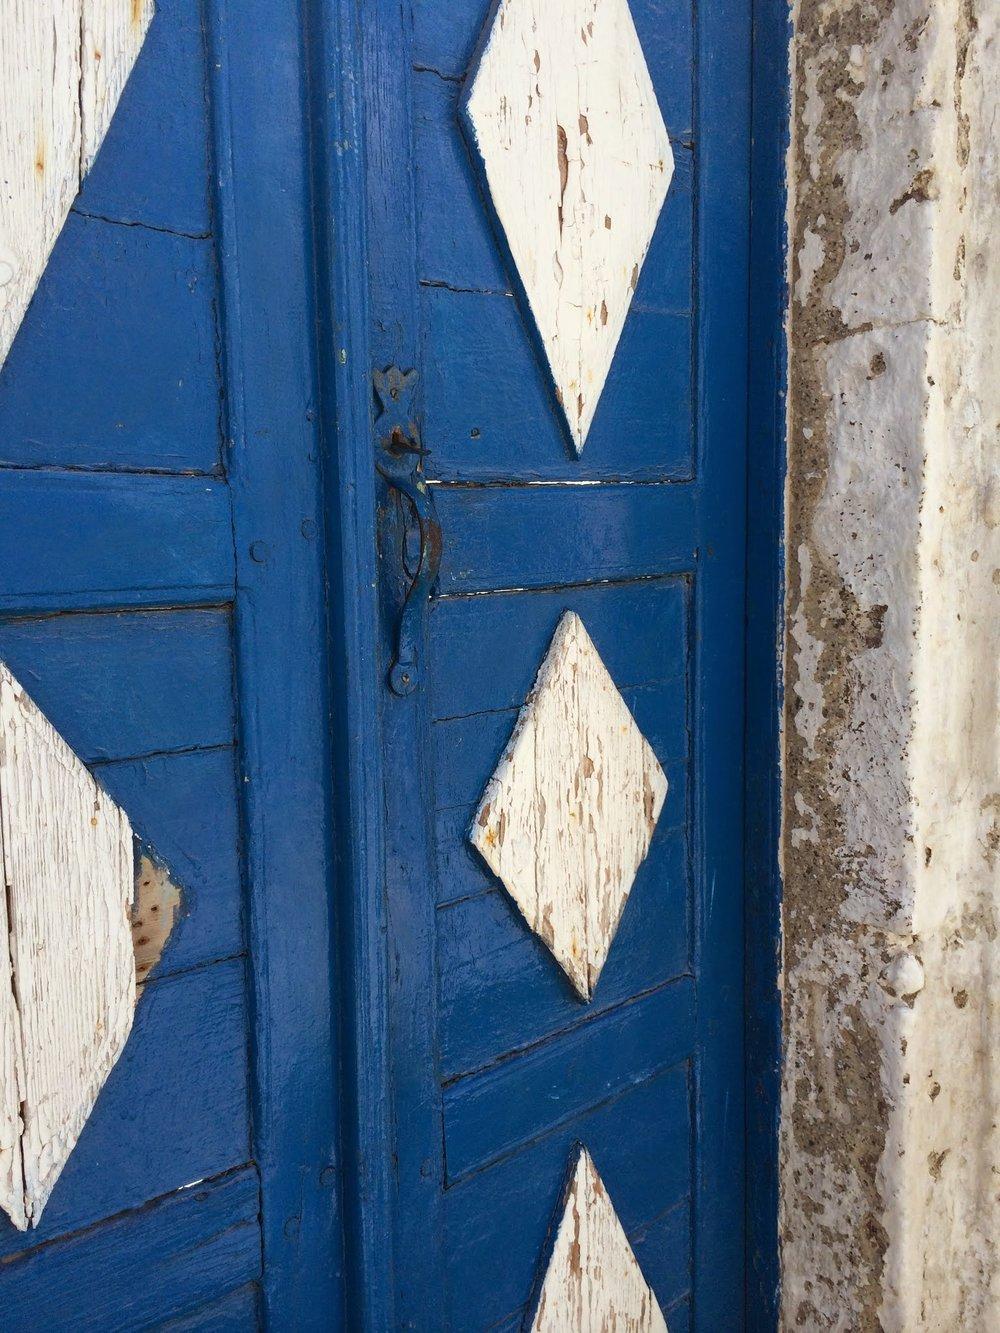 Goaltraveler_Santorini_Doors.jpg